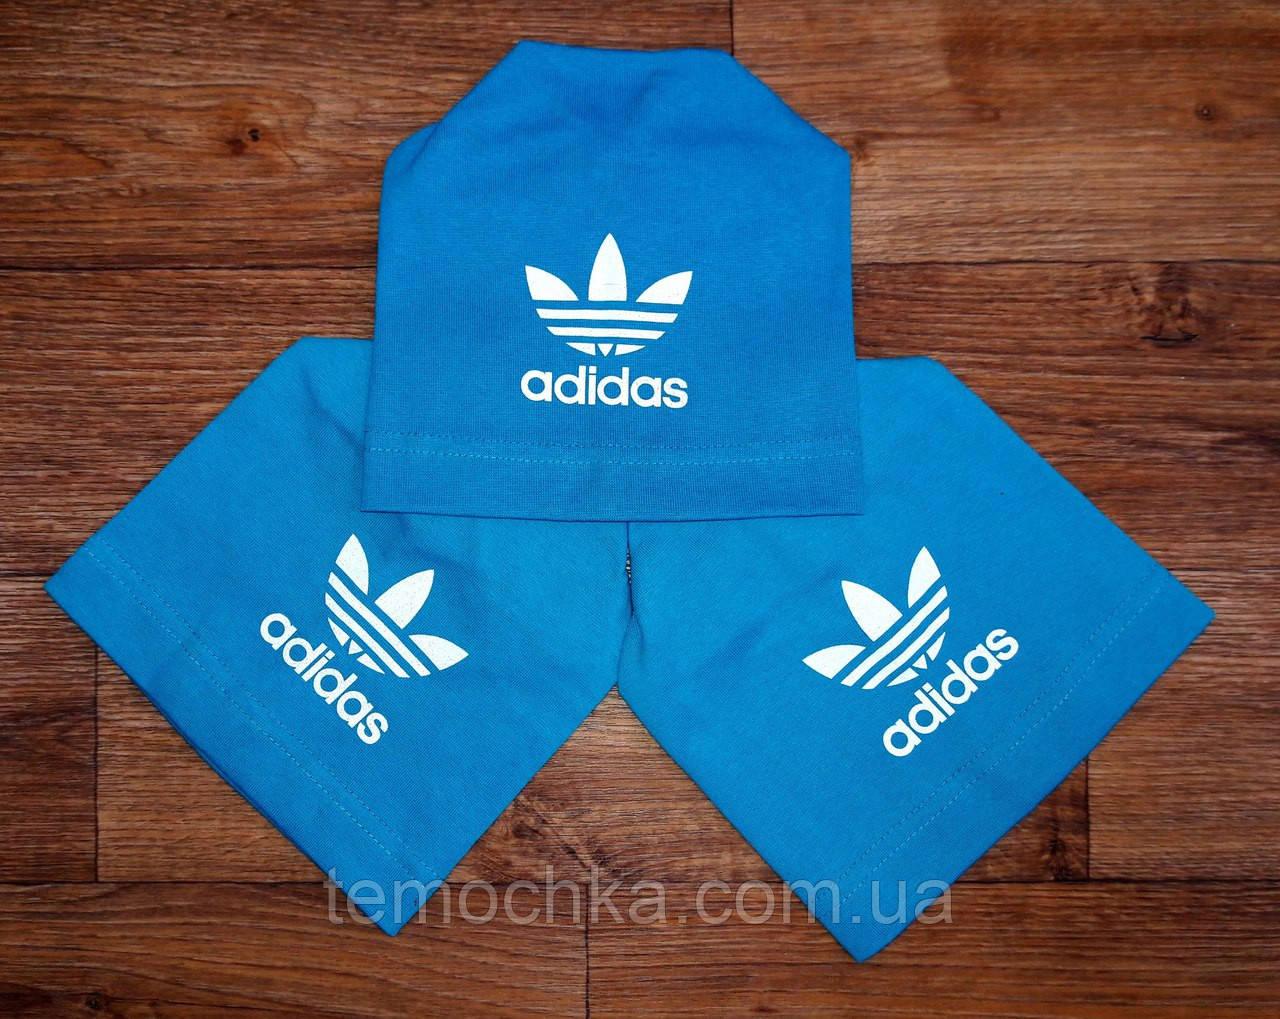 Шапка шапочка голубая спортивная детская для мальчика или девочки Адидас Adidas